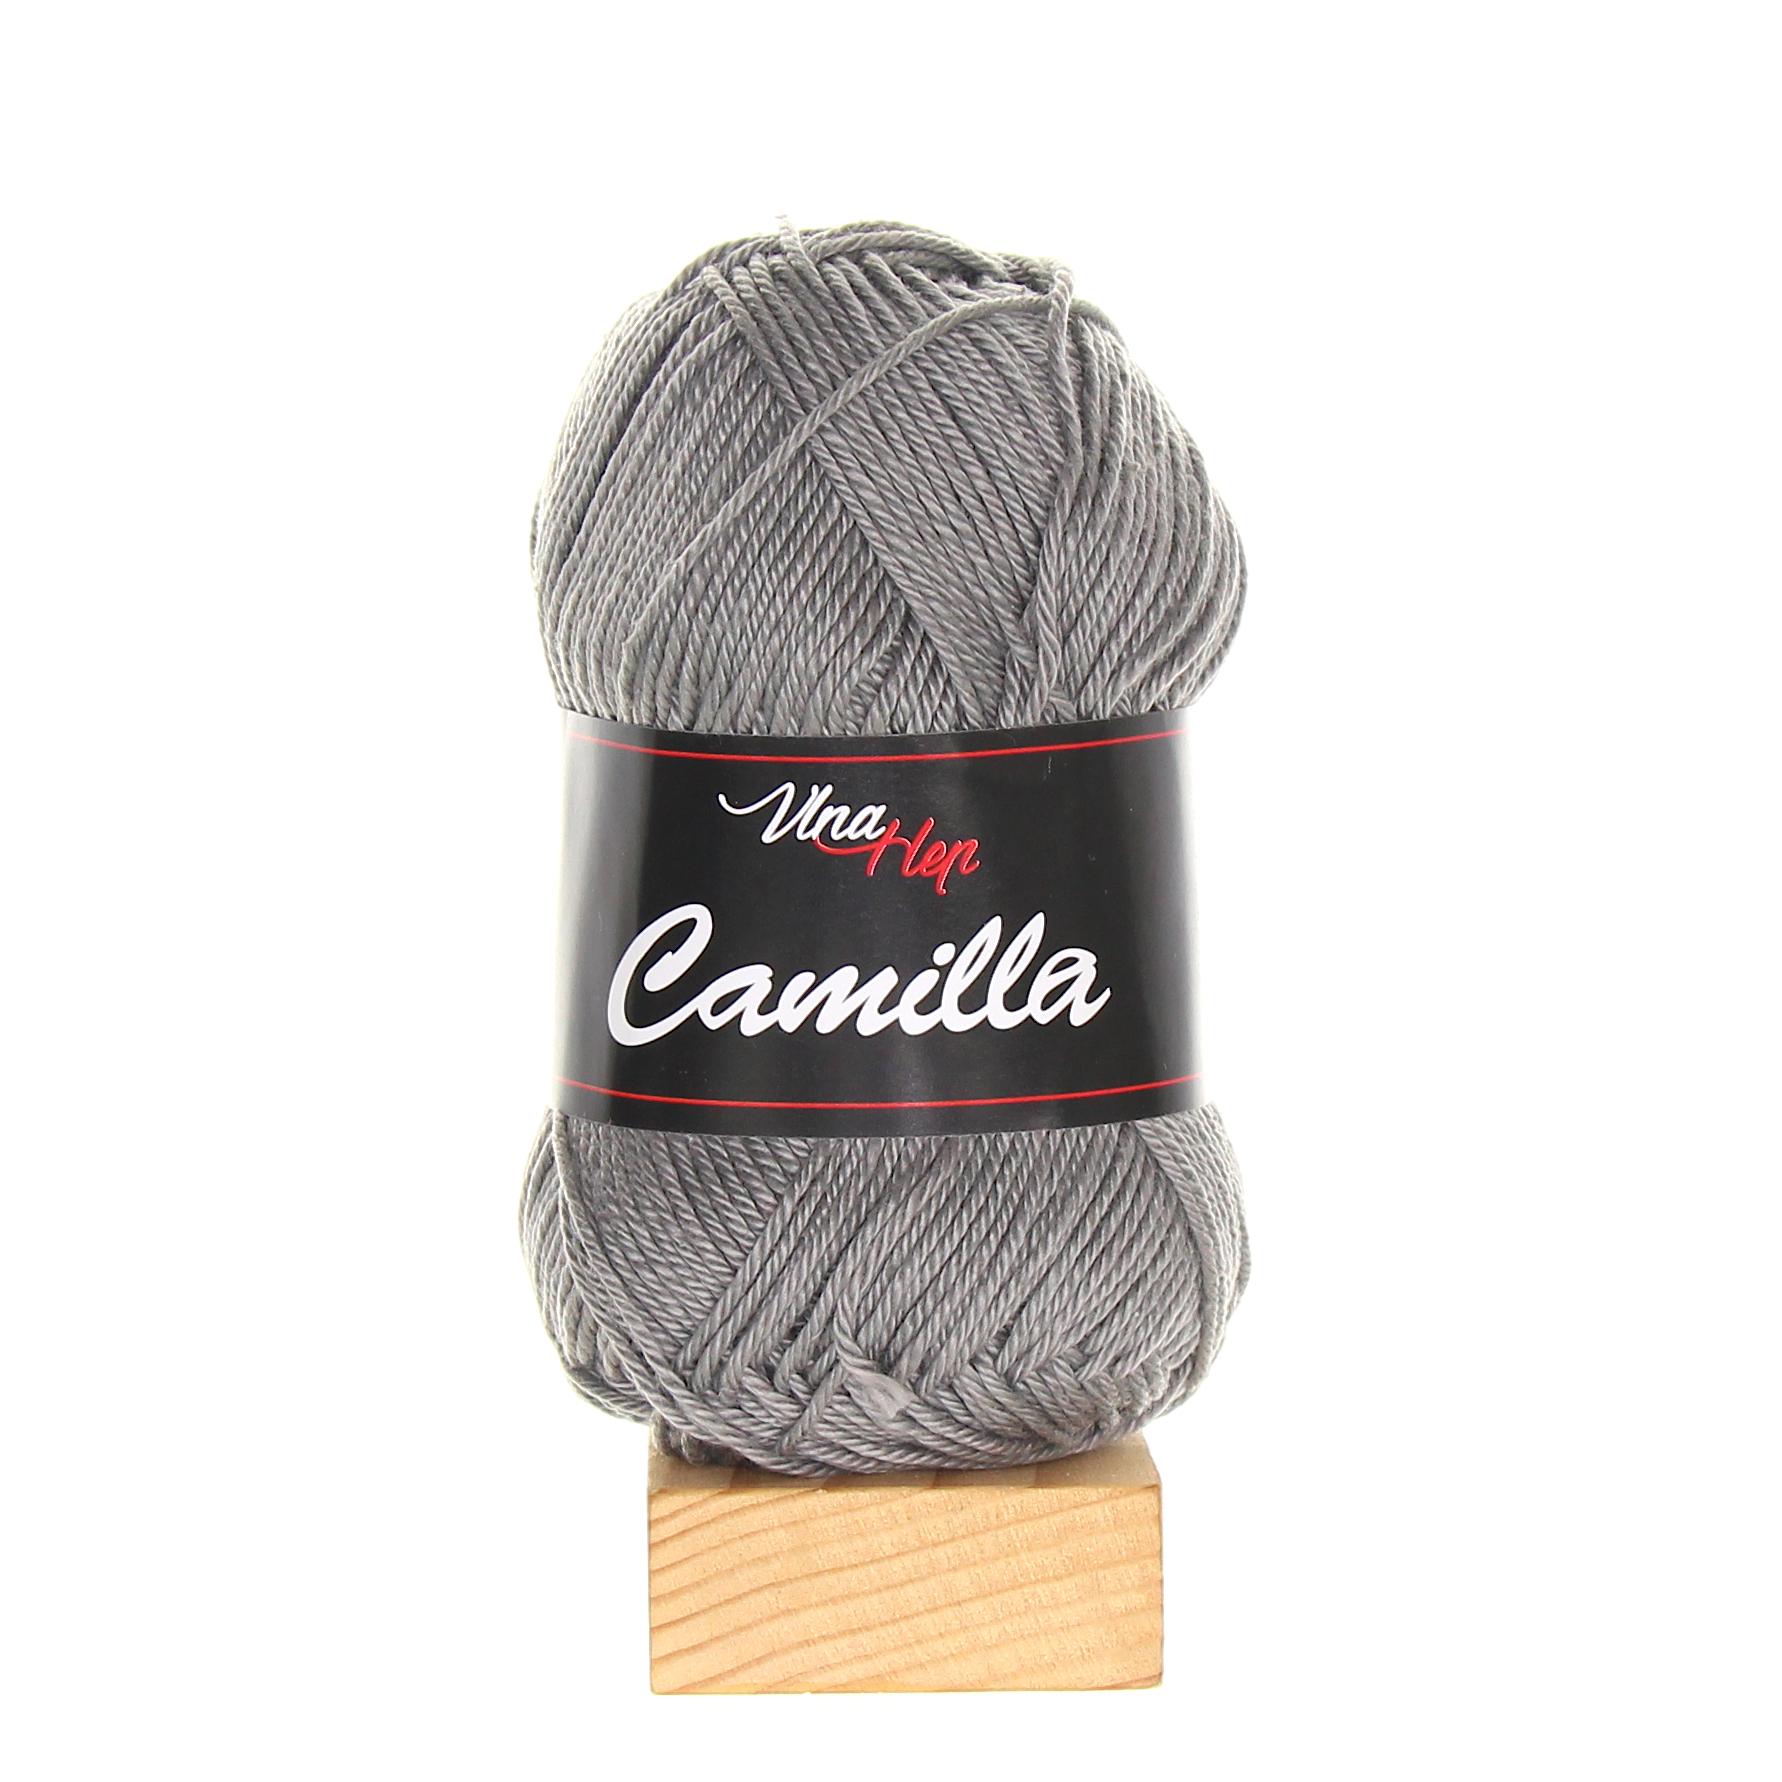 CAMILLA_VH_8234_FULL